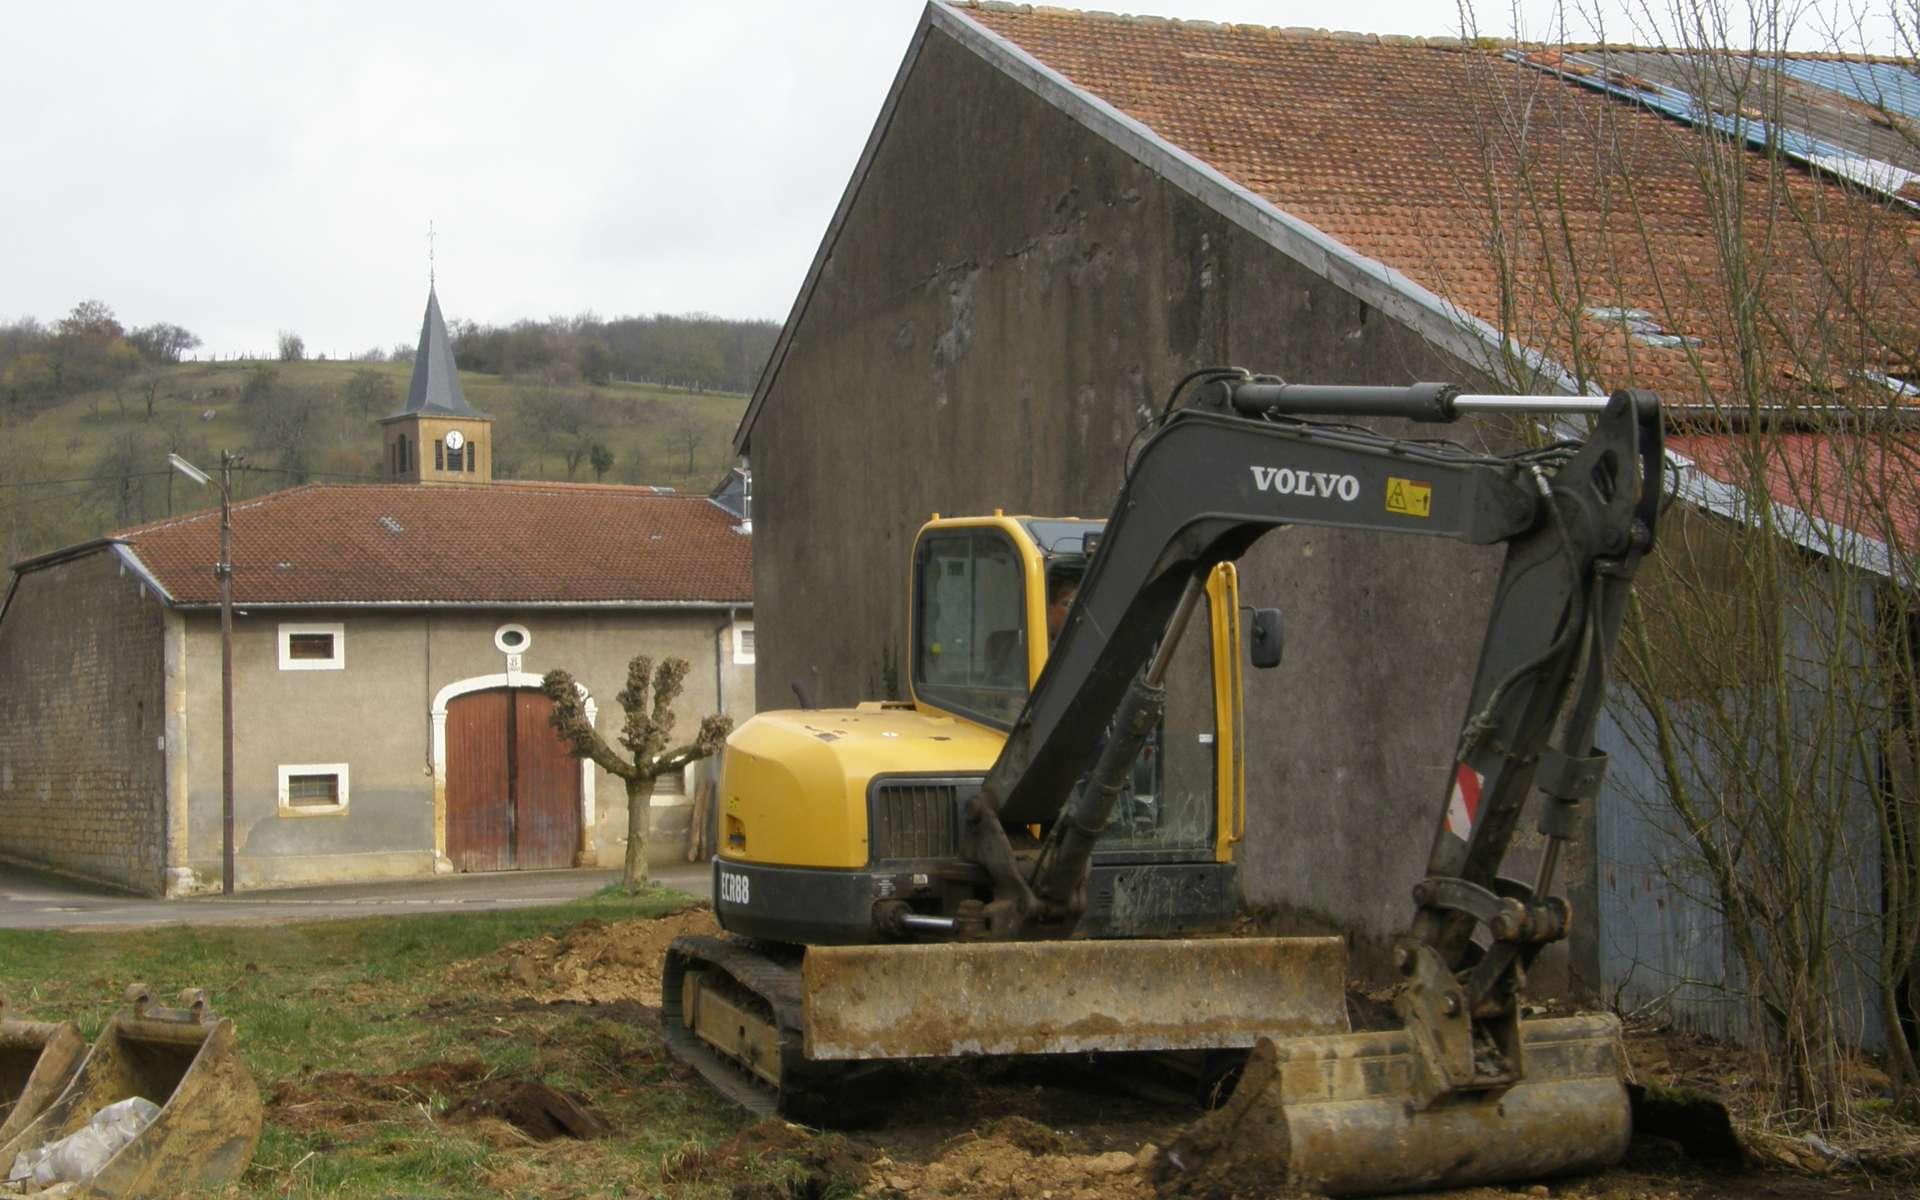 Le terrassement prépare un sol solide en y déplaçant de la terre. © N.C, CC BY-SA 3.0, Wikimedia Commons